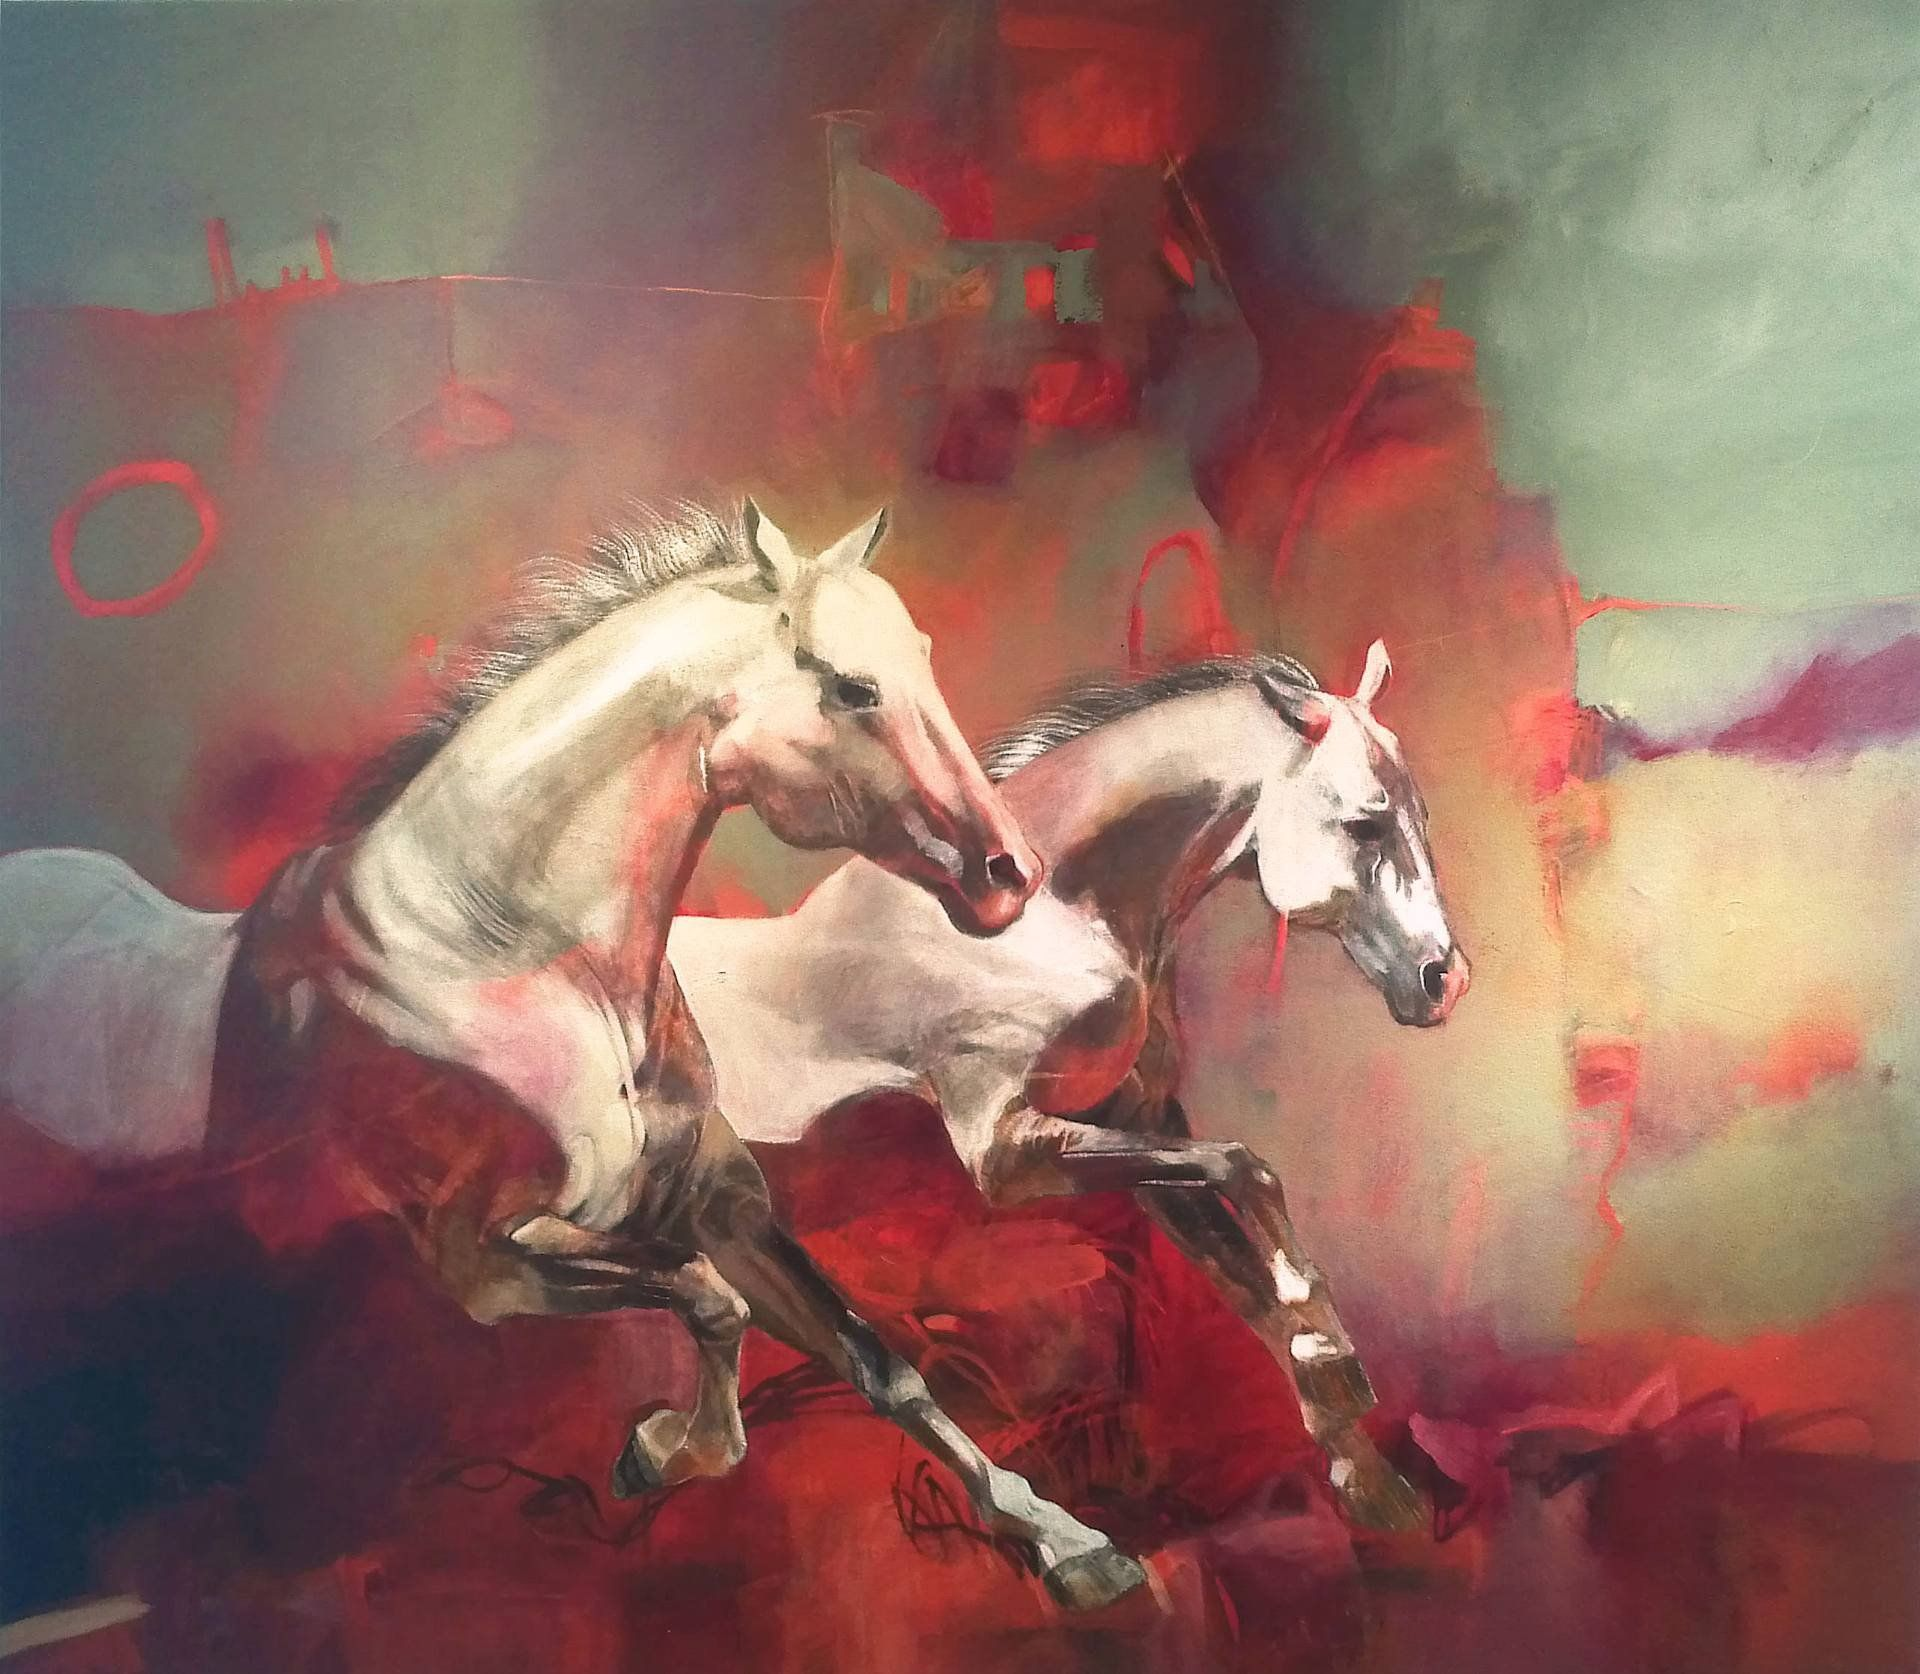 Popular Wallpaper Horse Art - 09c477ca126c3713770a3db23d265934  Image_8310098.jpg